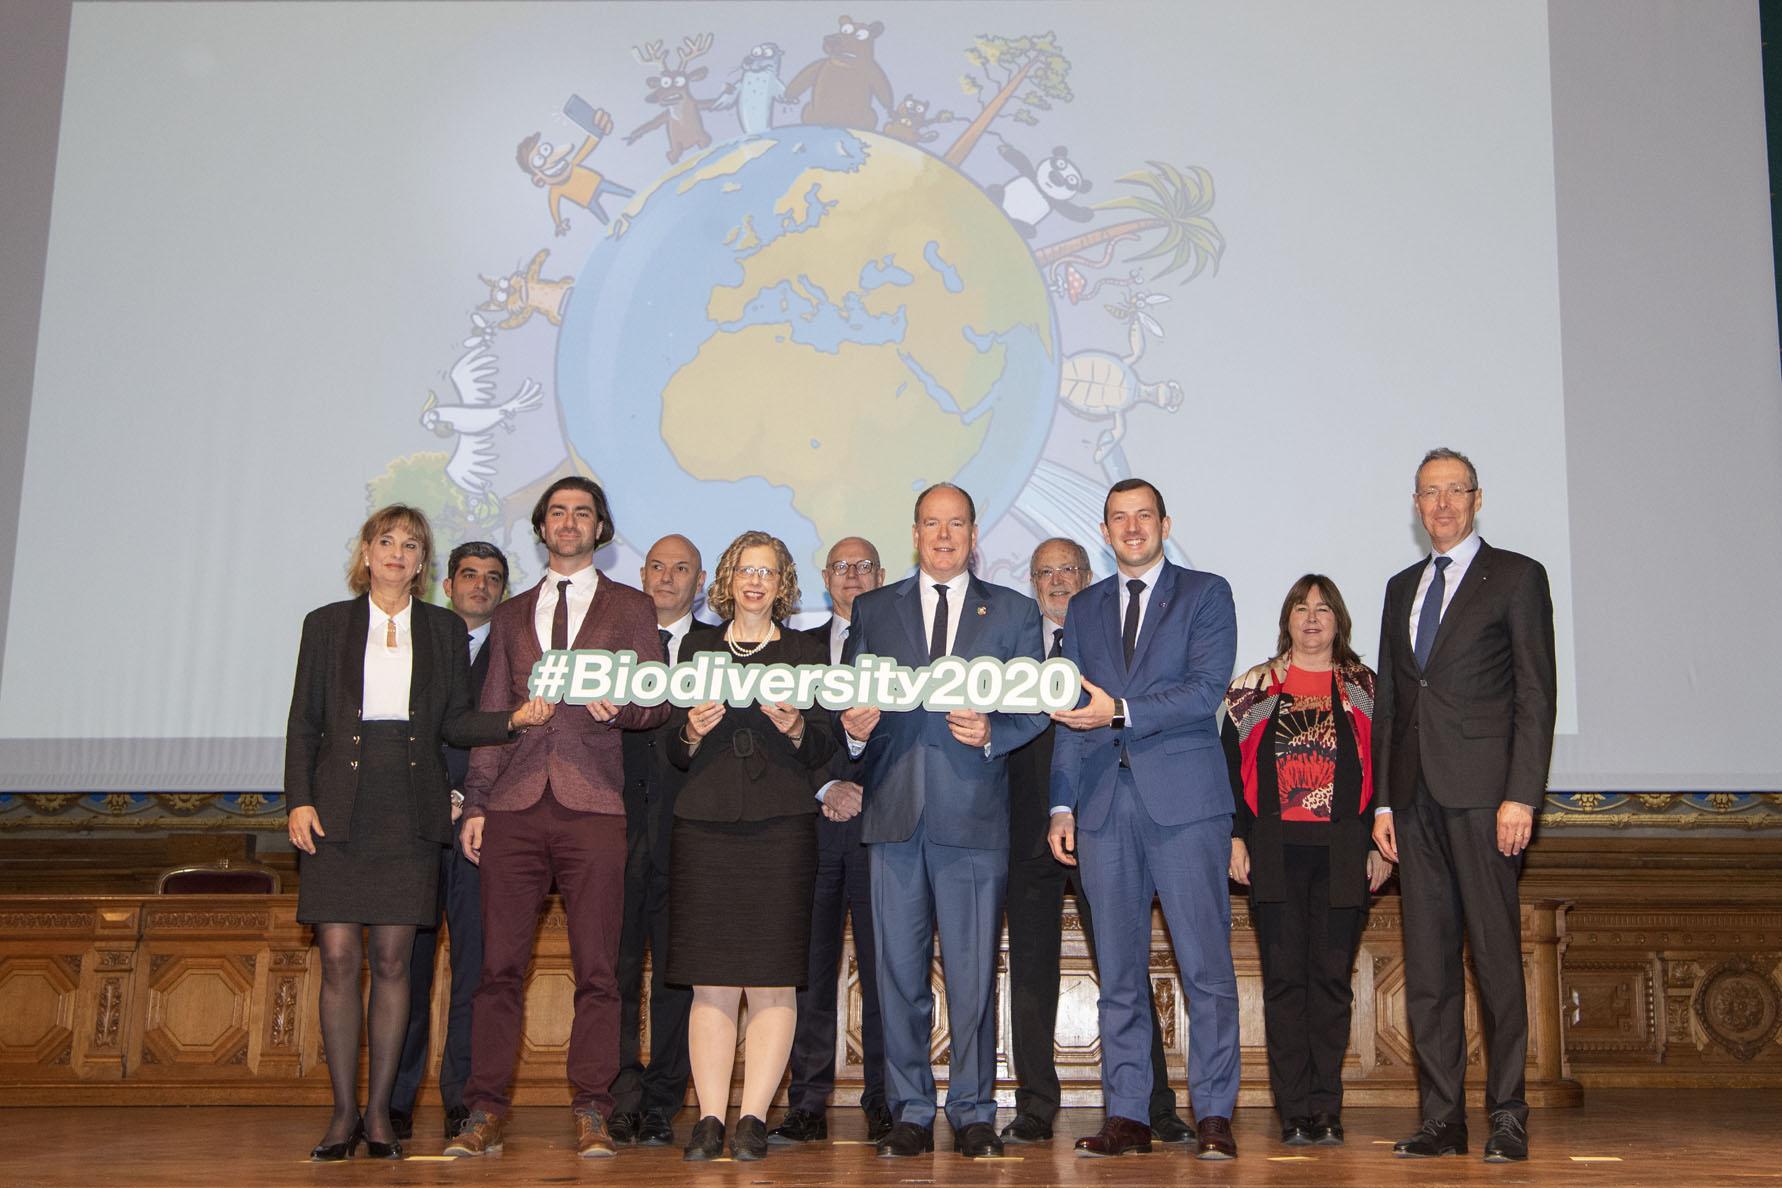 Photo de groupe - Lancement coalition mondiale pour la biodiversité - 3 mars 2020 © M. Dagnino - Institut océanographique de Monaco.